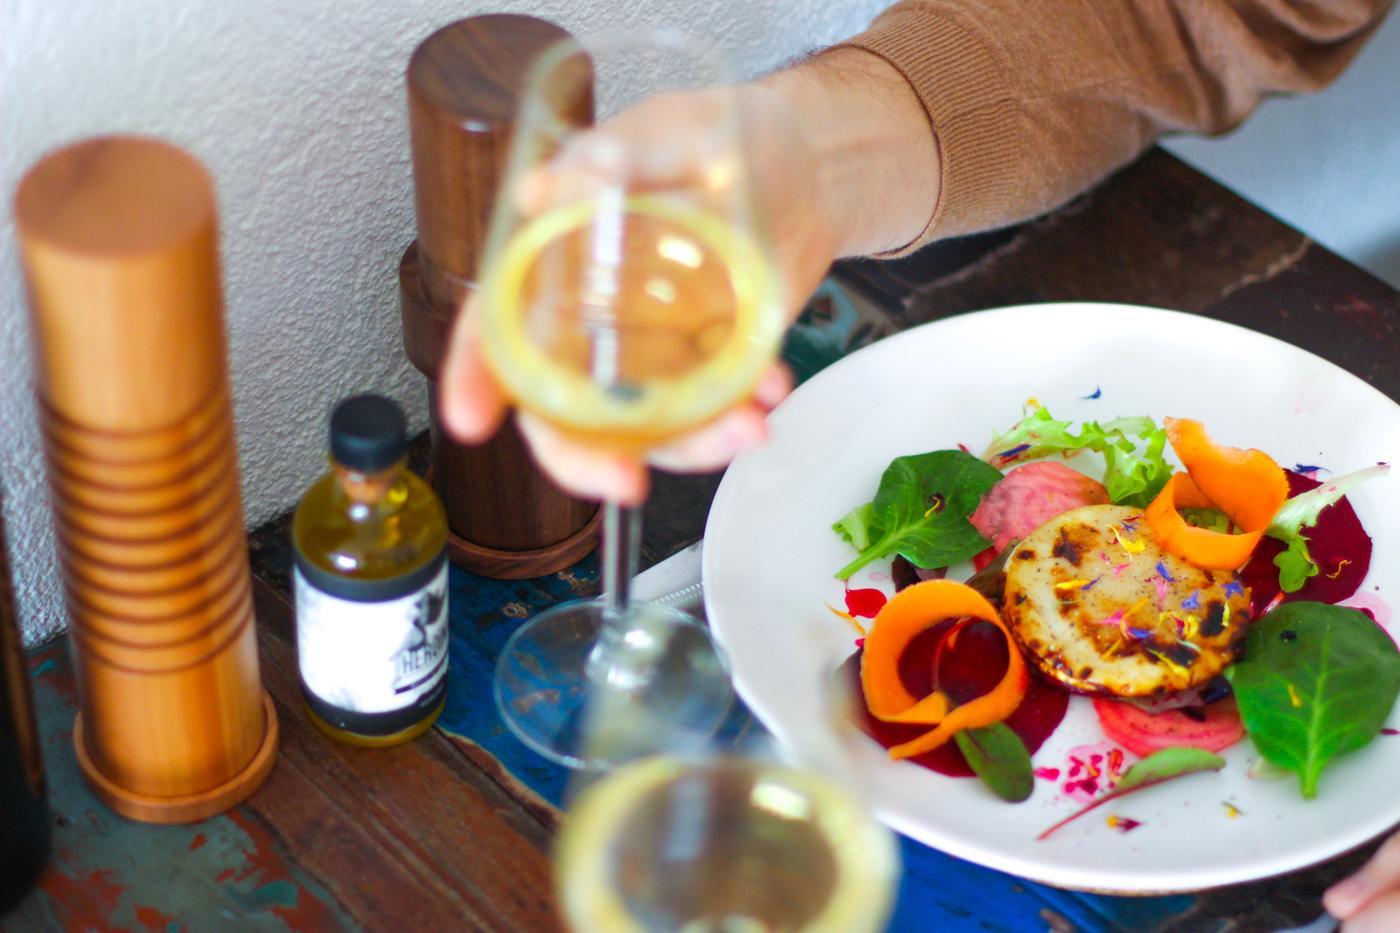 Restaurant Table - Food, Drinks, Salt & Pepper